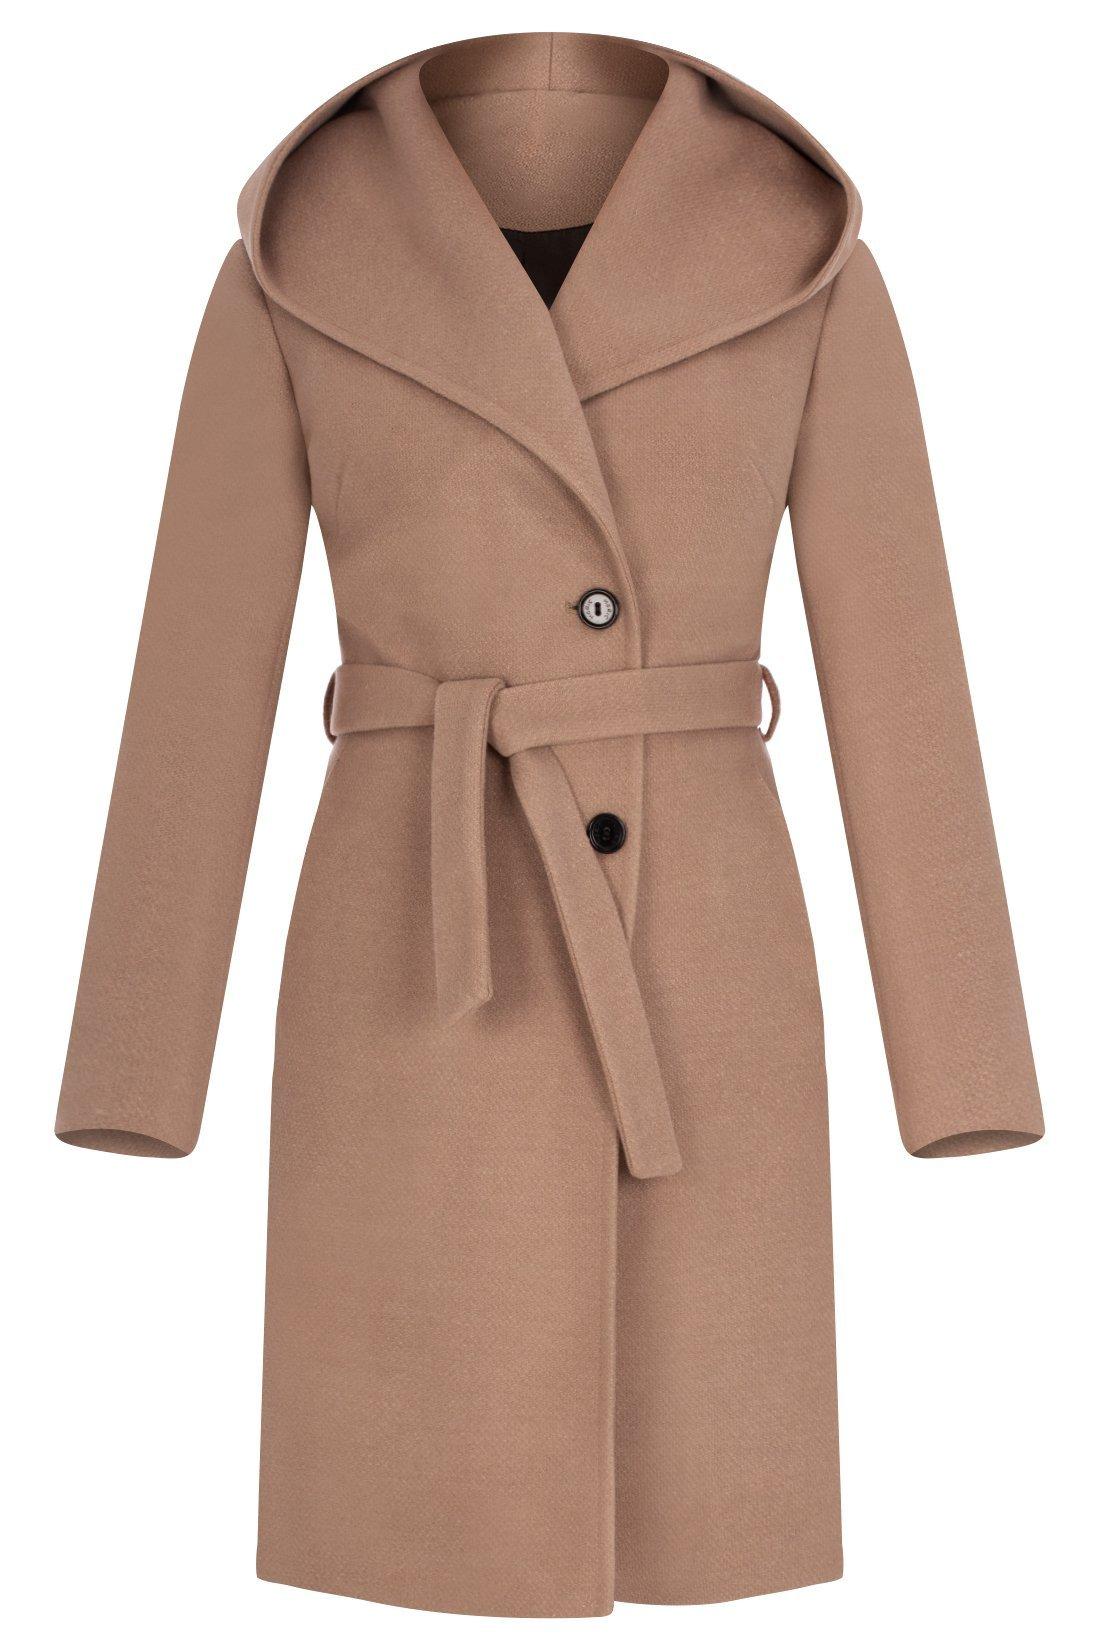 Beżowy ,zimowy damski płaszcz